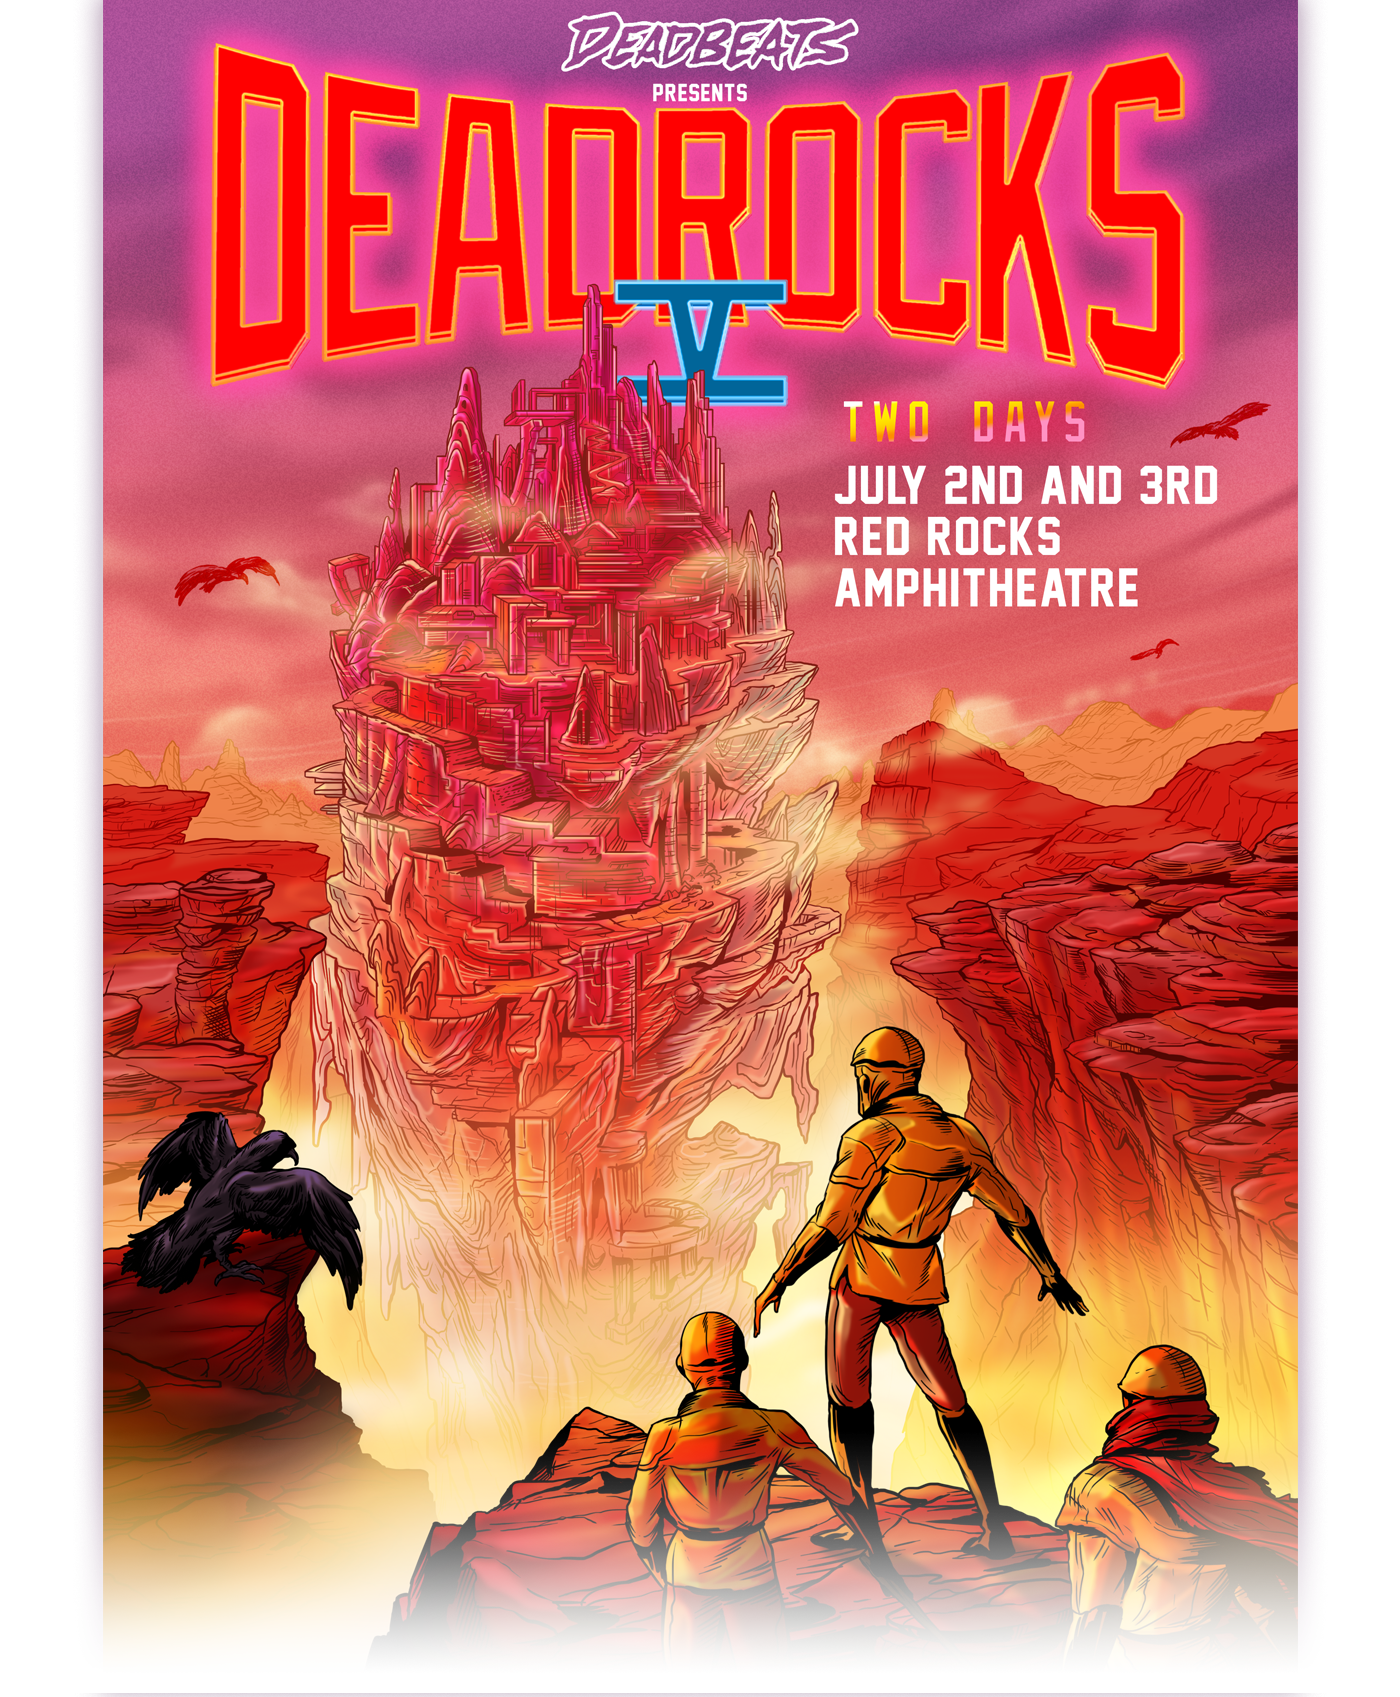 Zeds Dead DEADROCKS 2018